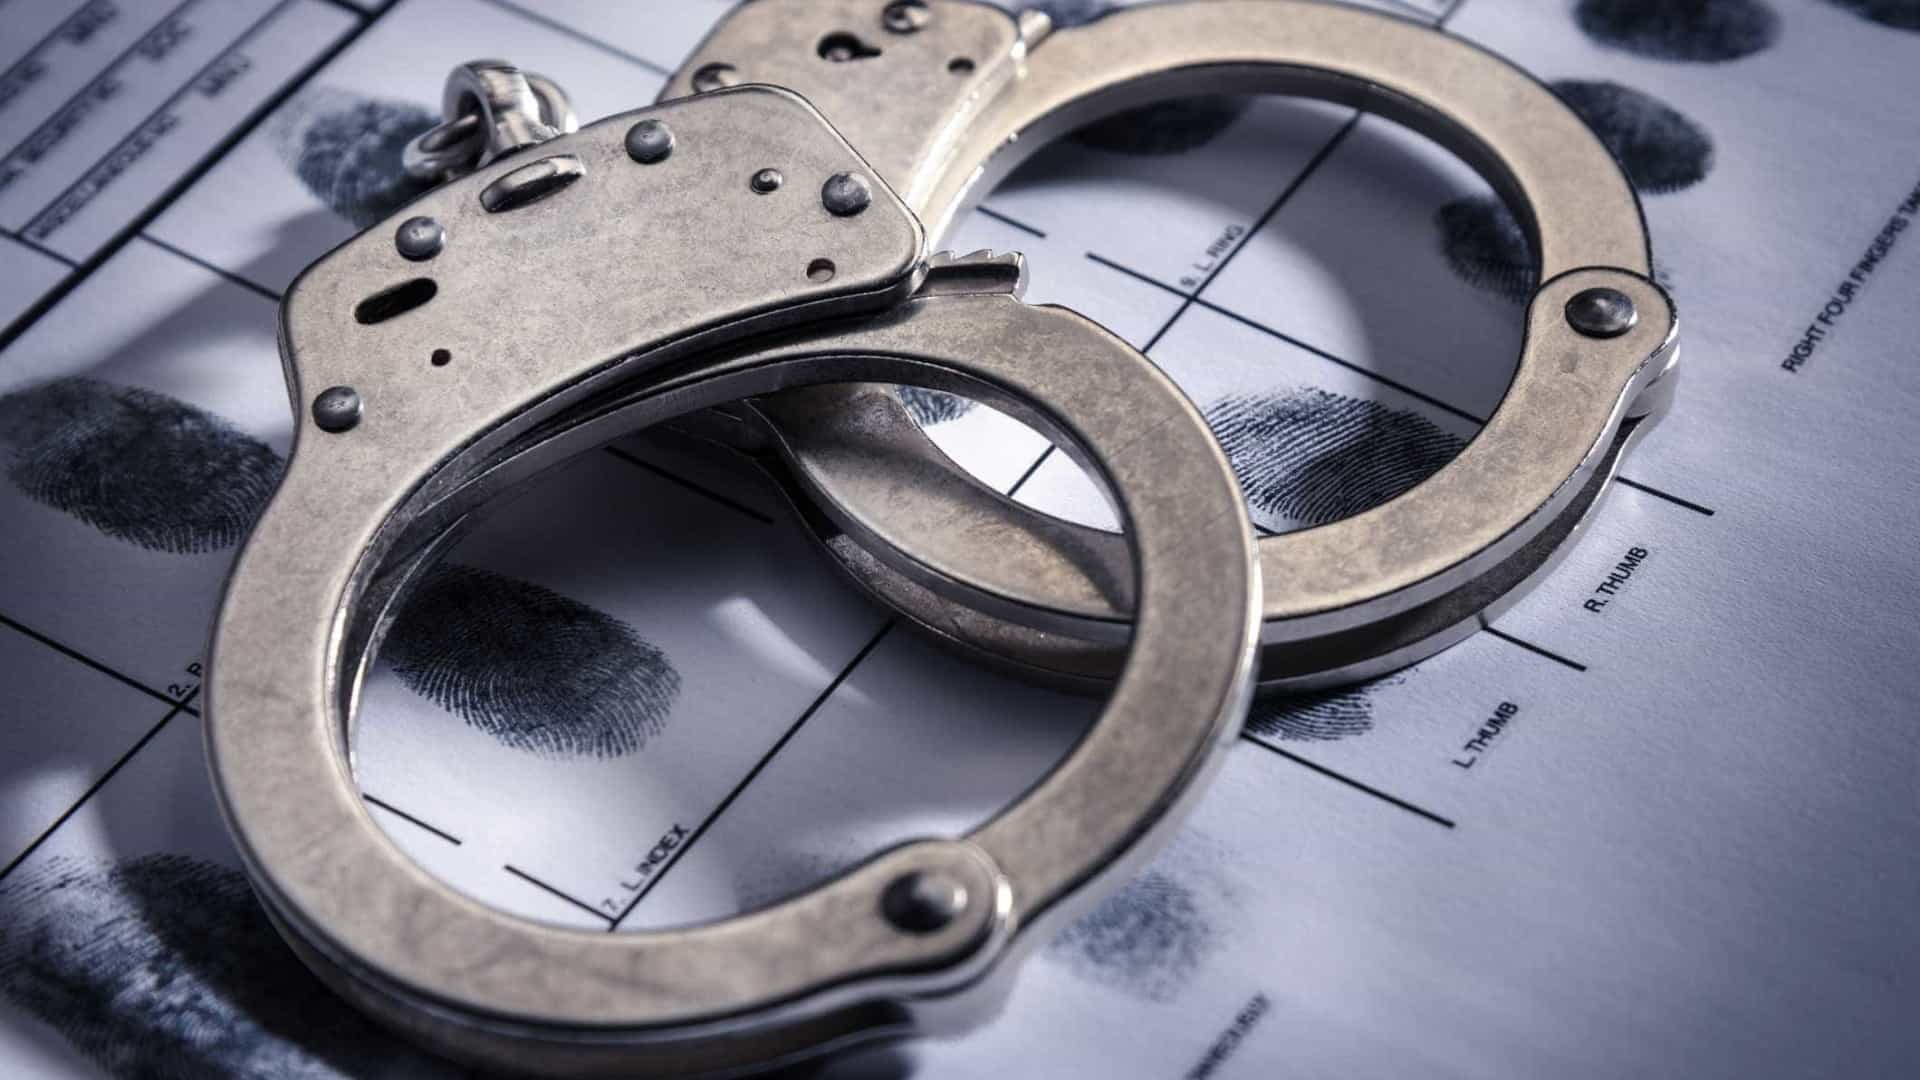 Mulher vai à delegacia registrar agressão de ex-marido e acaba presa